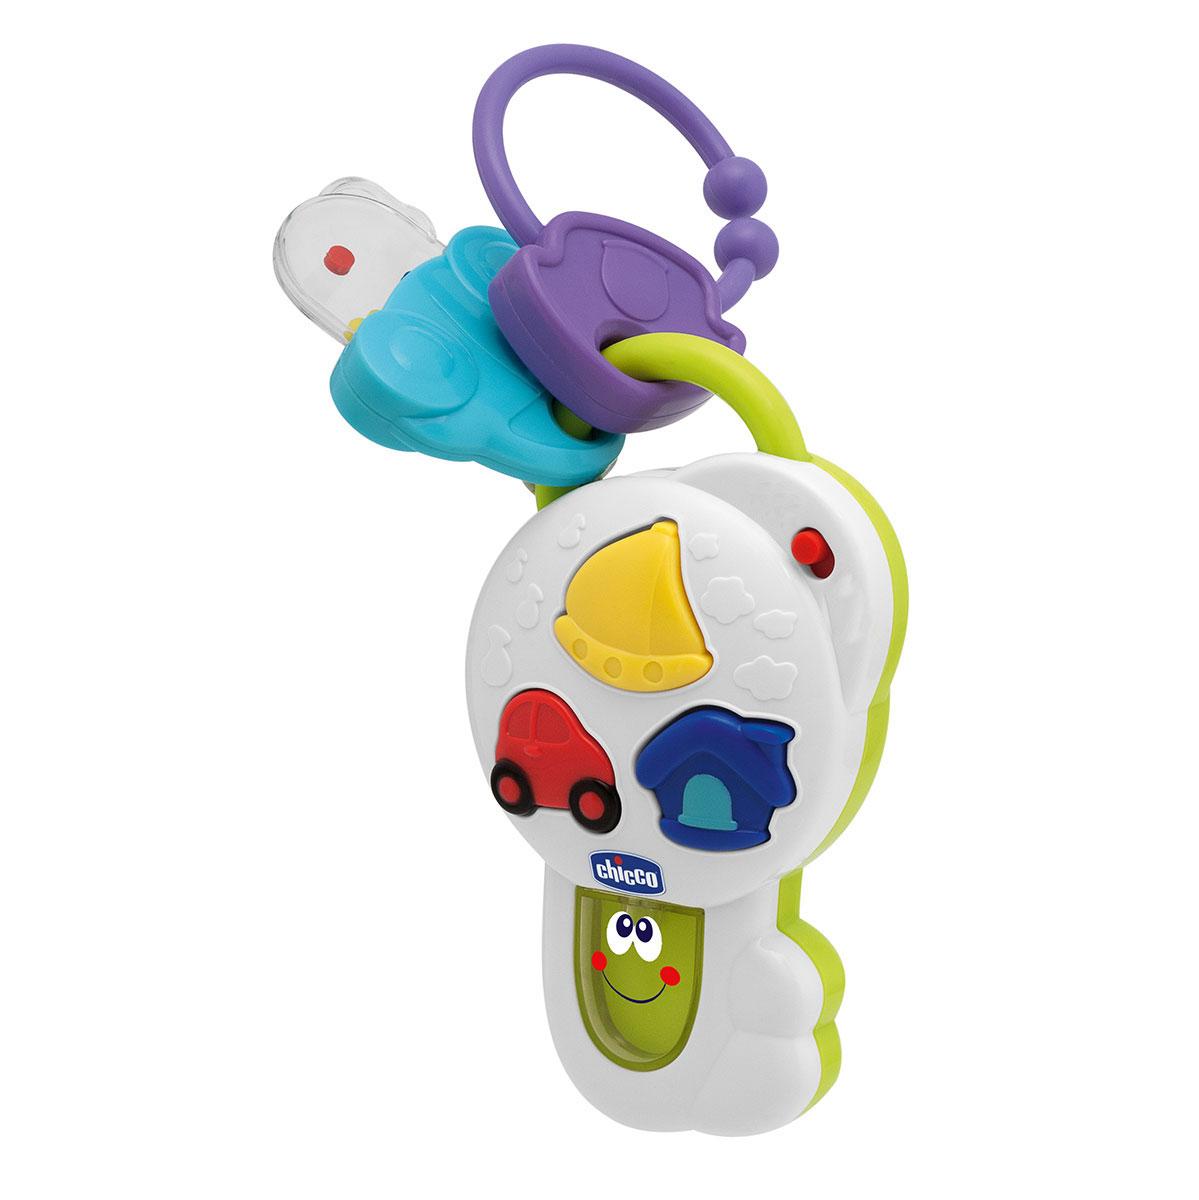 """Развивающая игрушка """"Говорящий ключик"""" понравится вашему ребенку и не позволит ему скучать. Она выполнена из прочного безопасного пластика в виде ключа, на корпусе которого находятся кнопки в виде машинки, кораблика и домика. Игрушка воспроизводит стишки, мелодии, звуки и забавные фразы на русском и английском языках. При этом в нижней части игрушки мигает огонек. К игрушке подвешена небольшая погремушка в виде машинки. С помощью кольца ключик легко прикрепить к коляске, креслу или игровой дуге малыша. Игрушка """"Говорящий ключик"""" поможет малышу в развитии цветового и звукового восприятия, мелкой моторики рук, координации движений, когнитивных навыков, фантазии и воображения, пополнит словарный запас."""